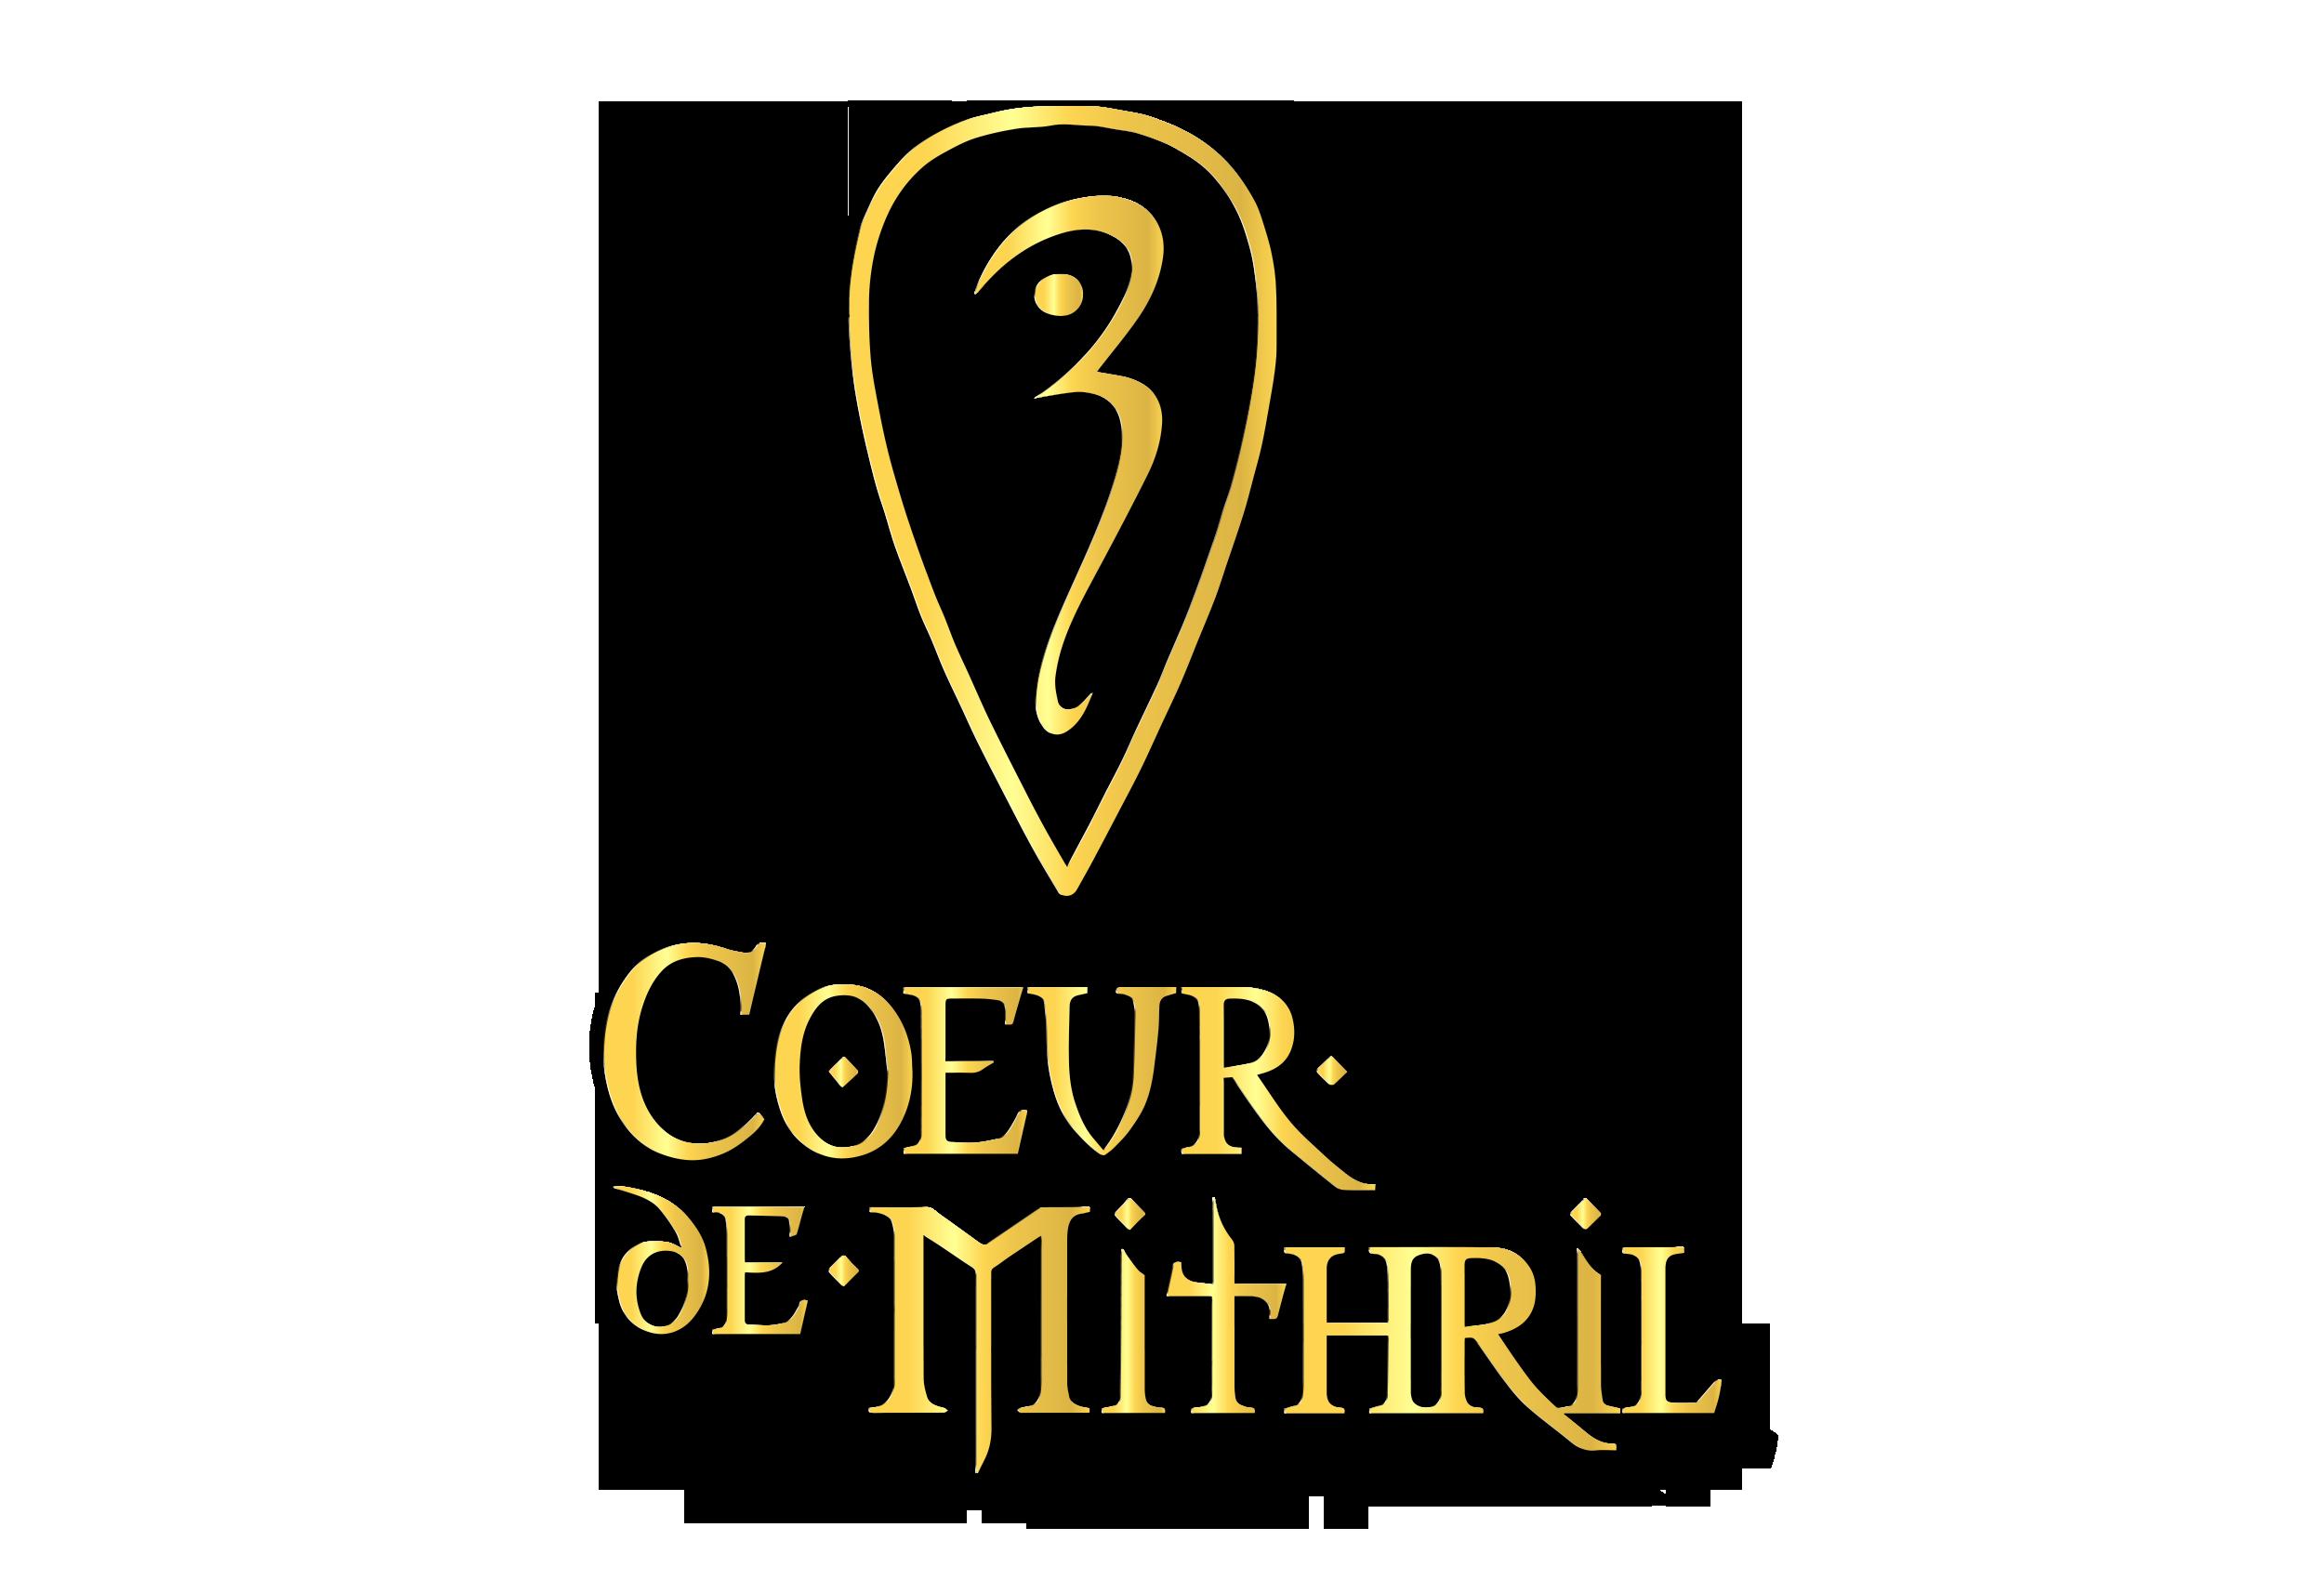 Coeur de Mithril